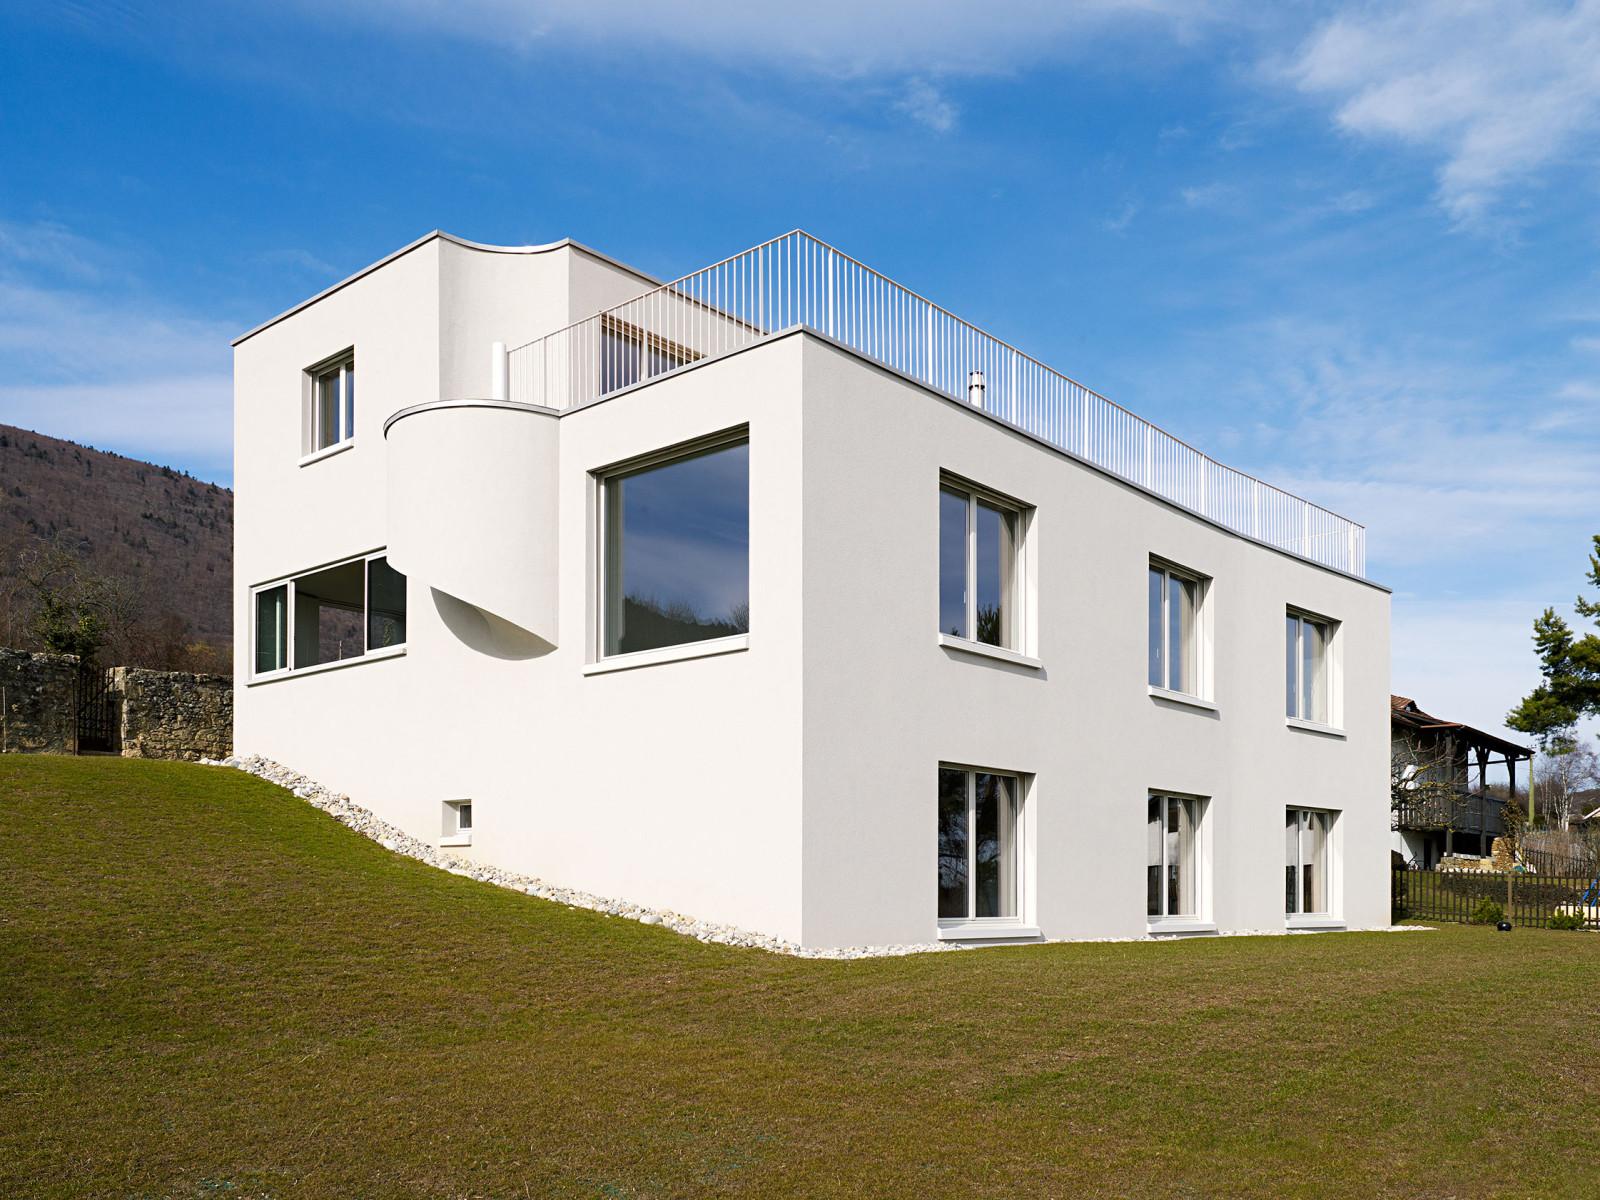 Villa C, Neuchâtel, 2010 Photo: Michel Bonvin